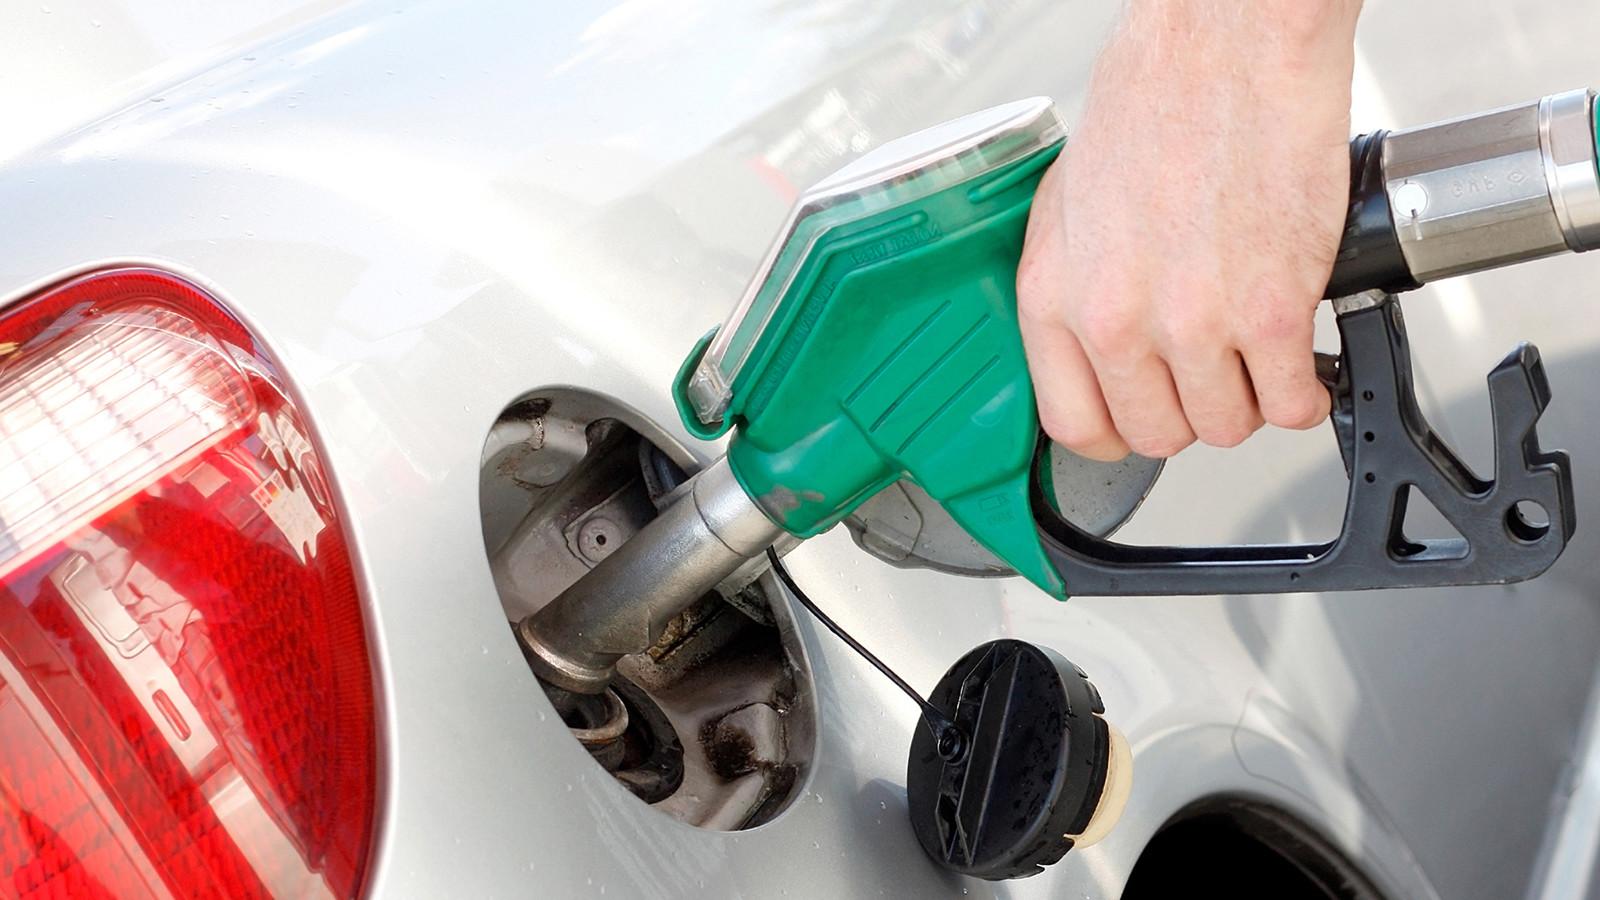 Росстат: Цены набензин вРФ стабильны шестую неделю подряд